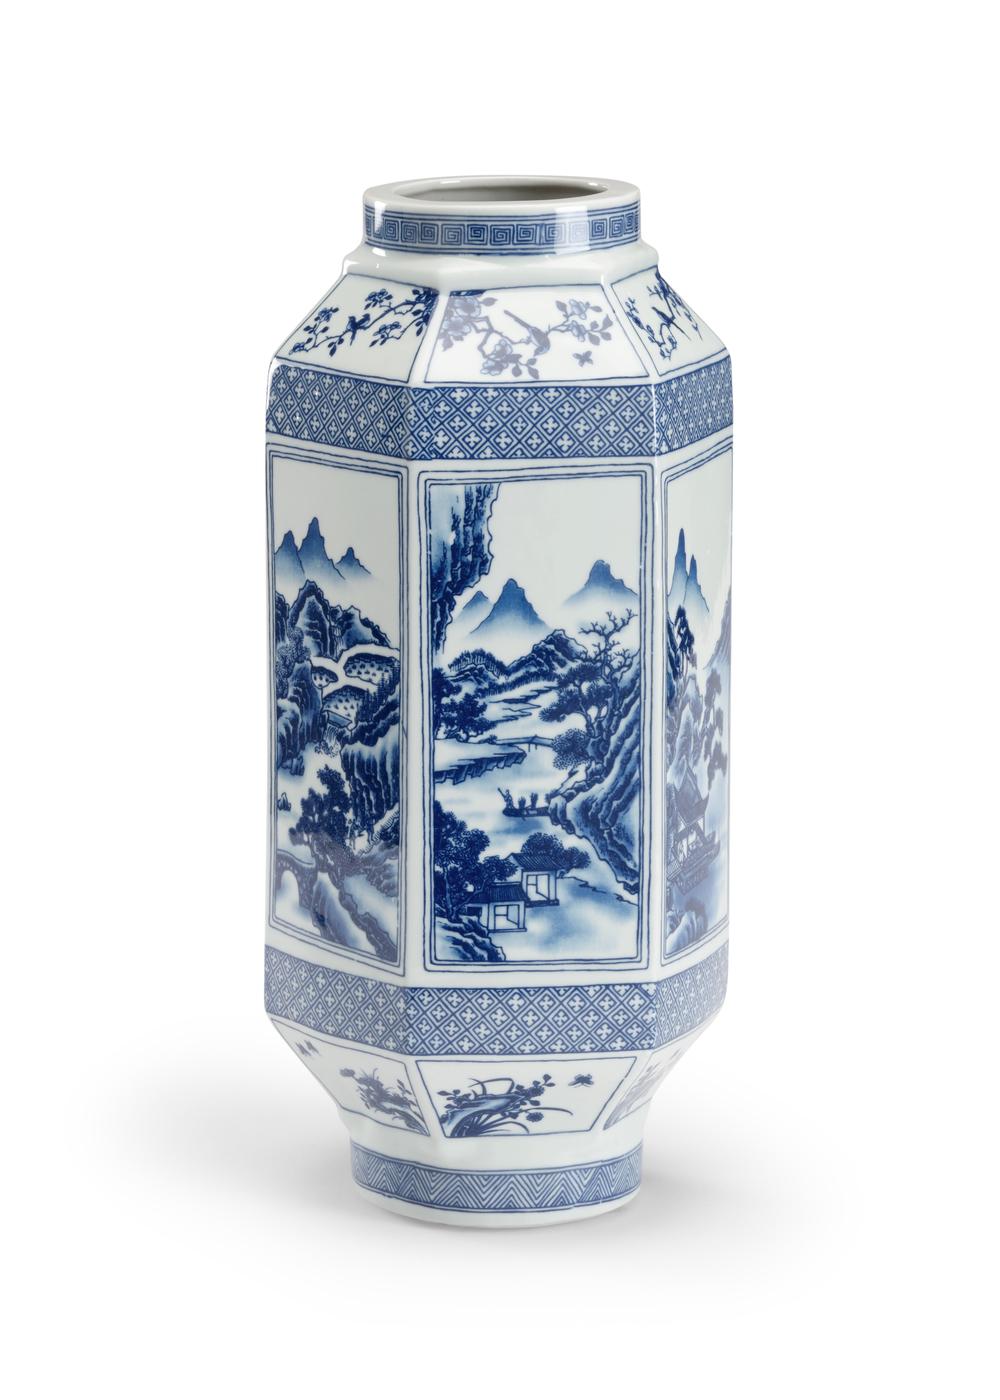 Chelsea House - Qing Vase